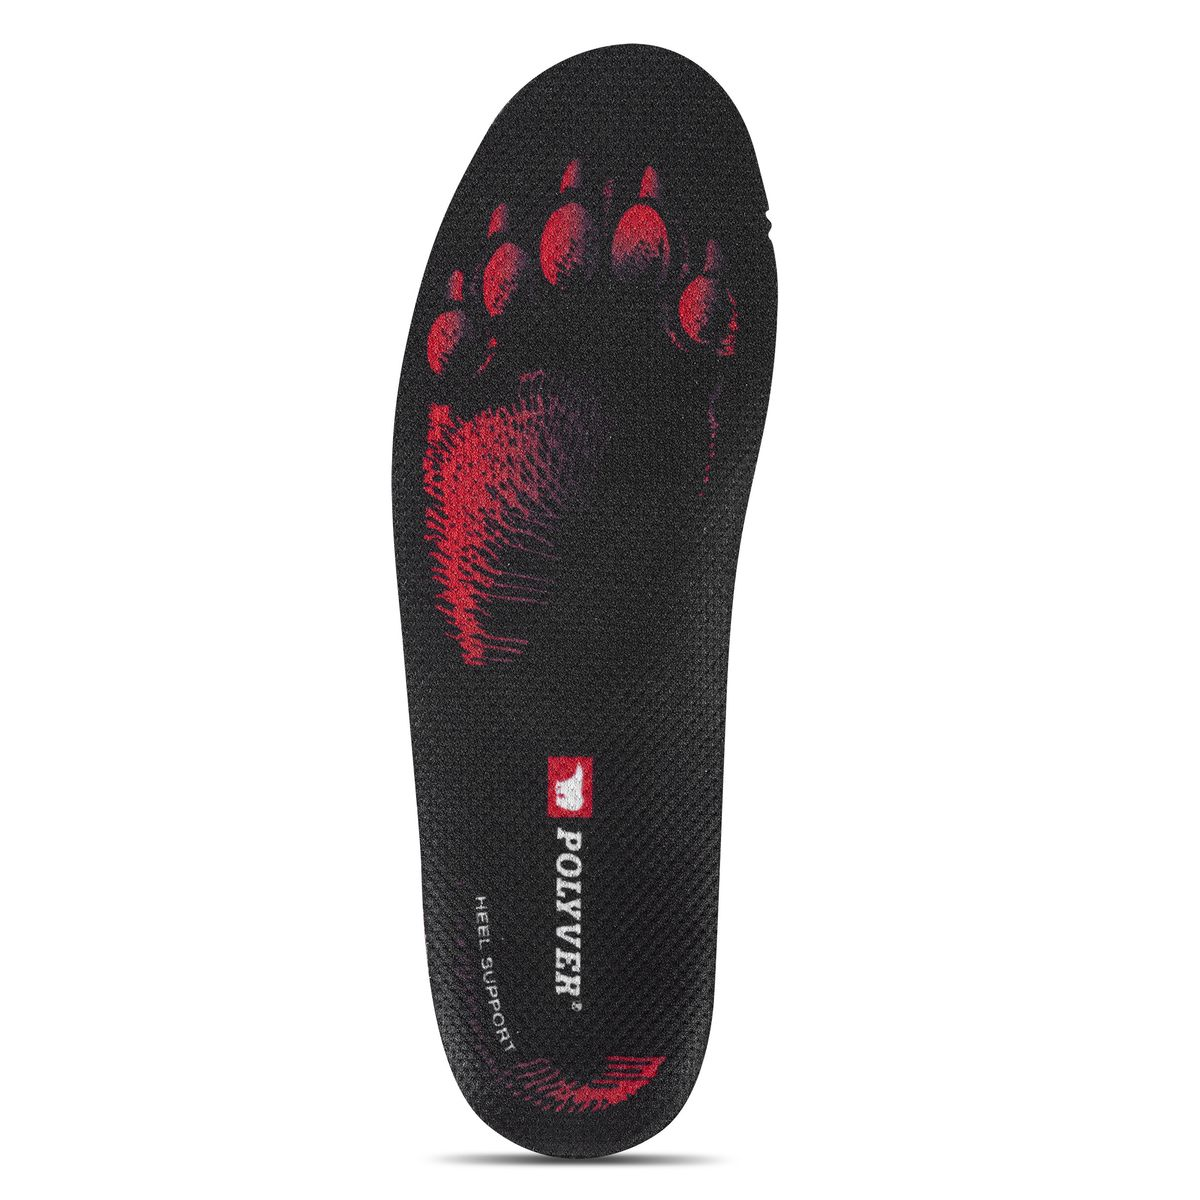 Стельки мужские POLYVER PREMIUM, цвет: красно-черный. Размер: 40-41MW-3101Термоизоляционные стельки Polyver отлично защищают ноги от холода при этом отводя лишнюю влагу. Стельки состоят из трех слоев: впитывающий влагу, амортизационный, термоизоляционный. Комфорт:- анатомическая форма с поддержкой пятки- стабилизация стопы для уменьшения боли с суставах- повышает устойчивость и уменьшает усталость - производятся только в Швеции